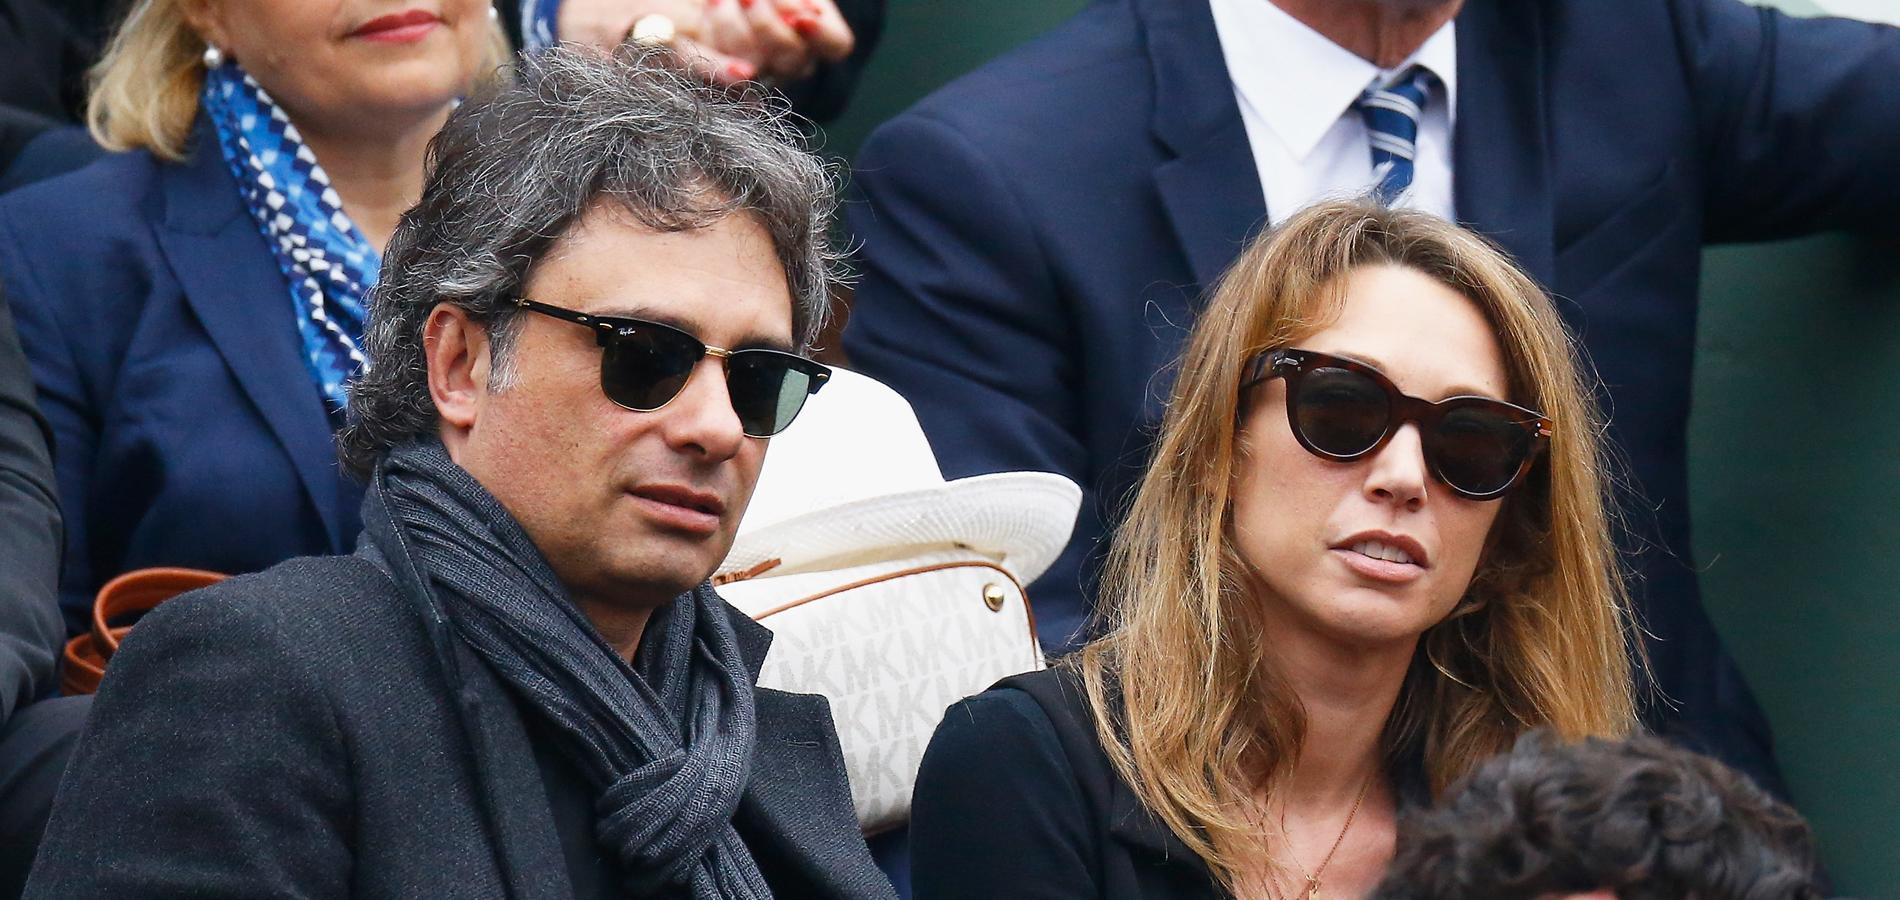 Raphaël Lancrey,Javal et Laura Smet dans les tribunes de Roland,Garros.  (Paris, le 5 juin 2016.)